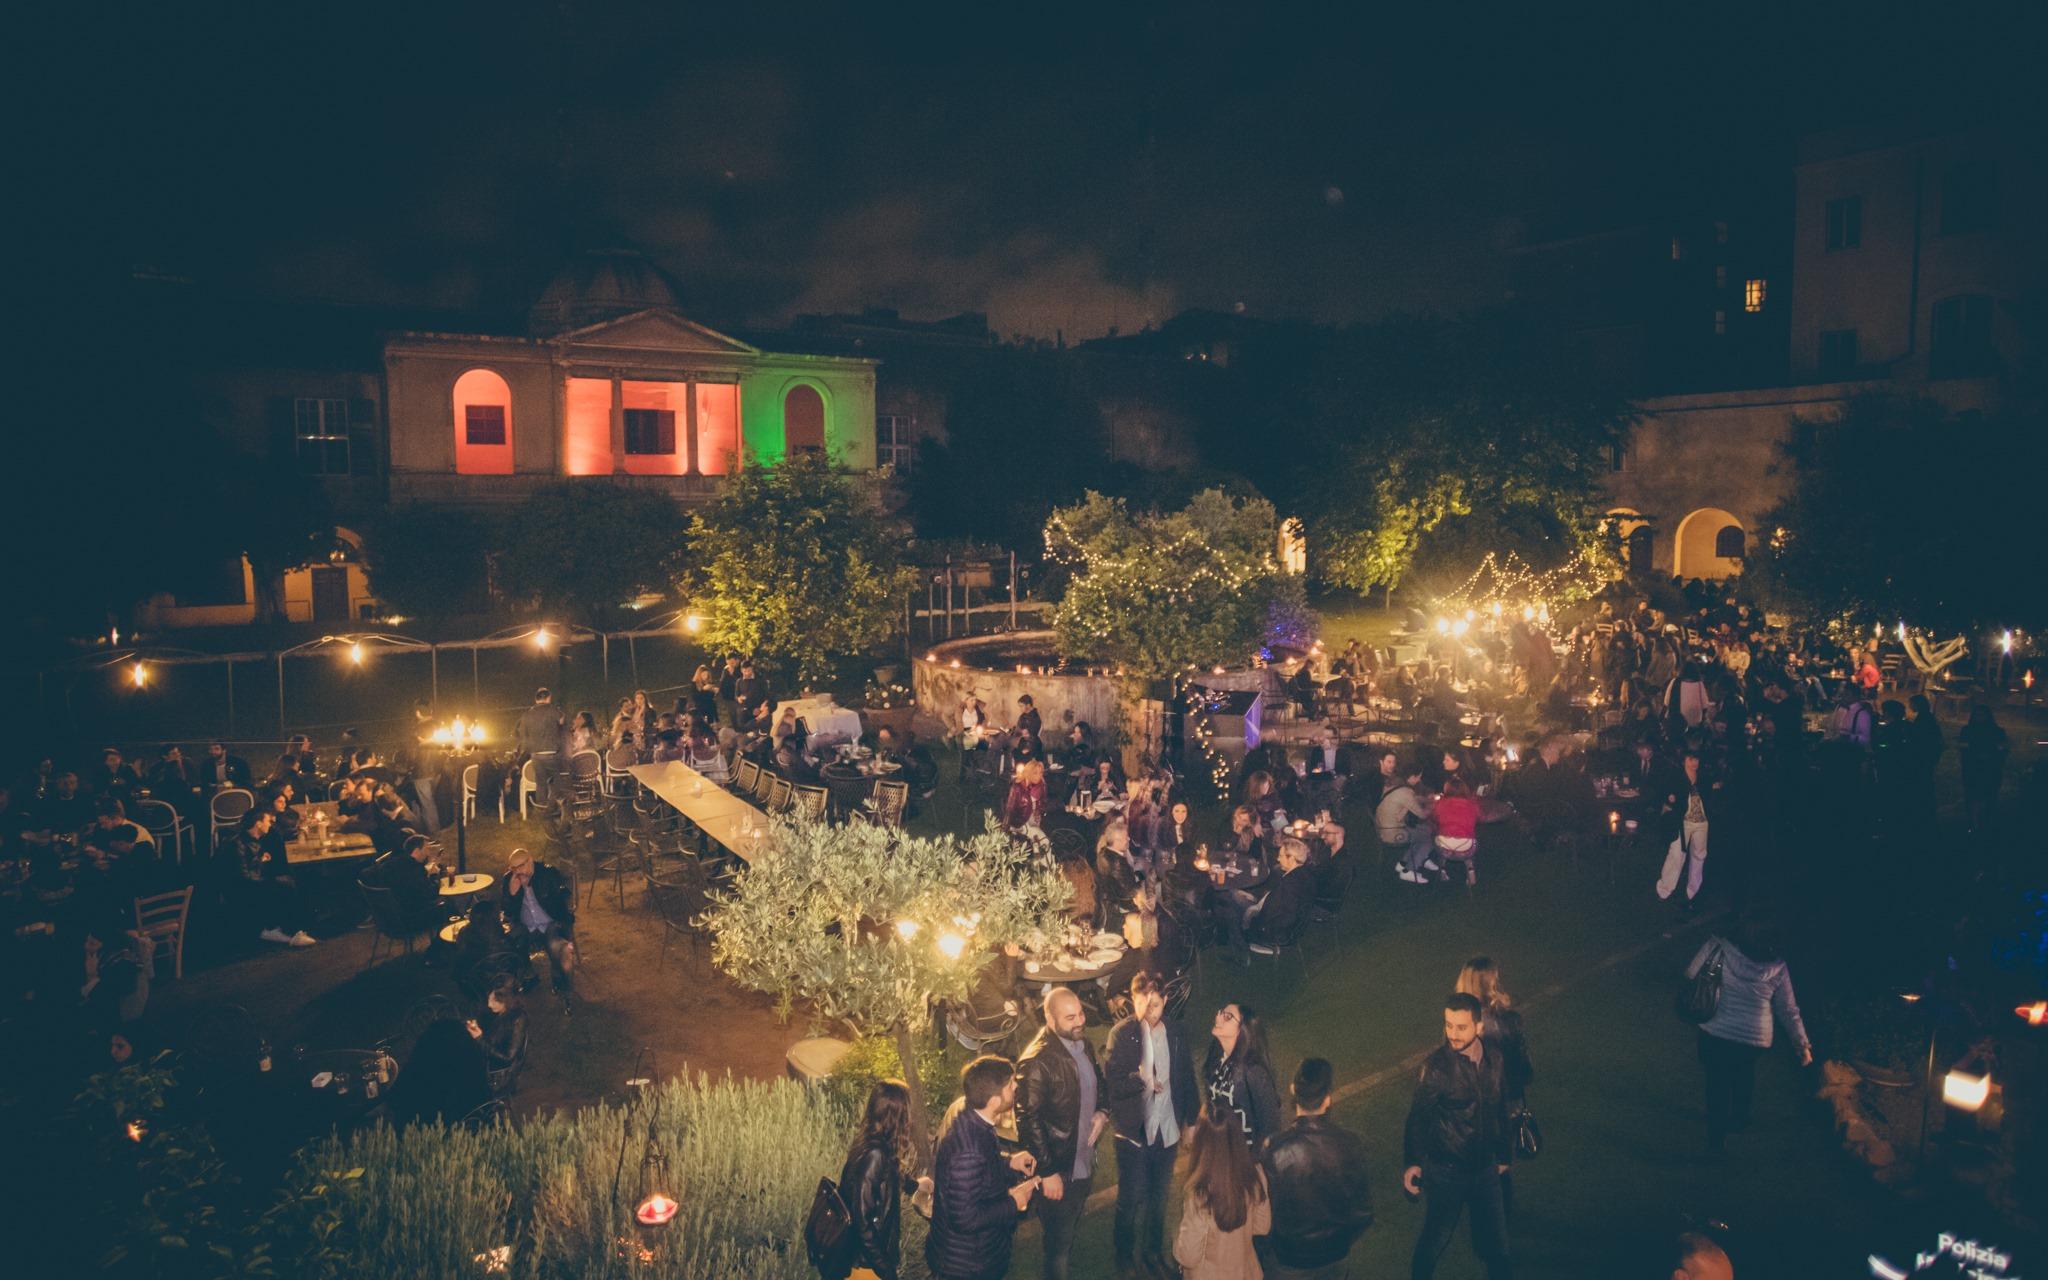 Borgo Ripa Aperitivo Djset in villa Barocca Trastevere